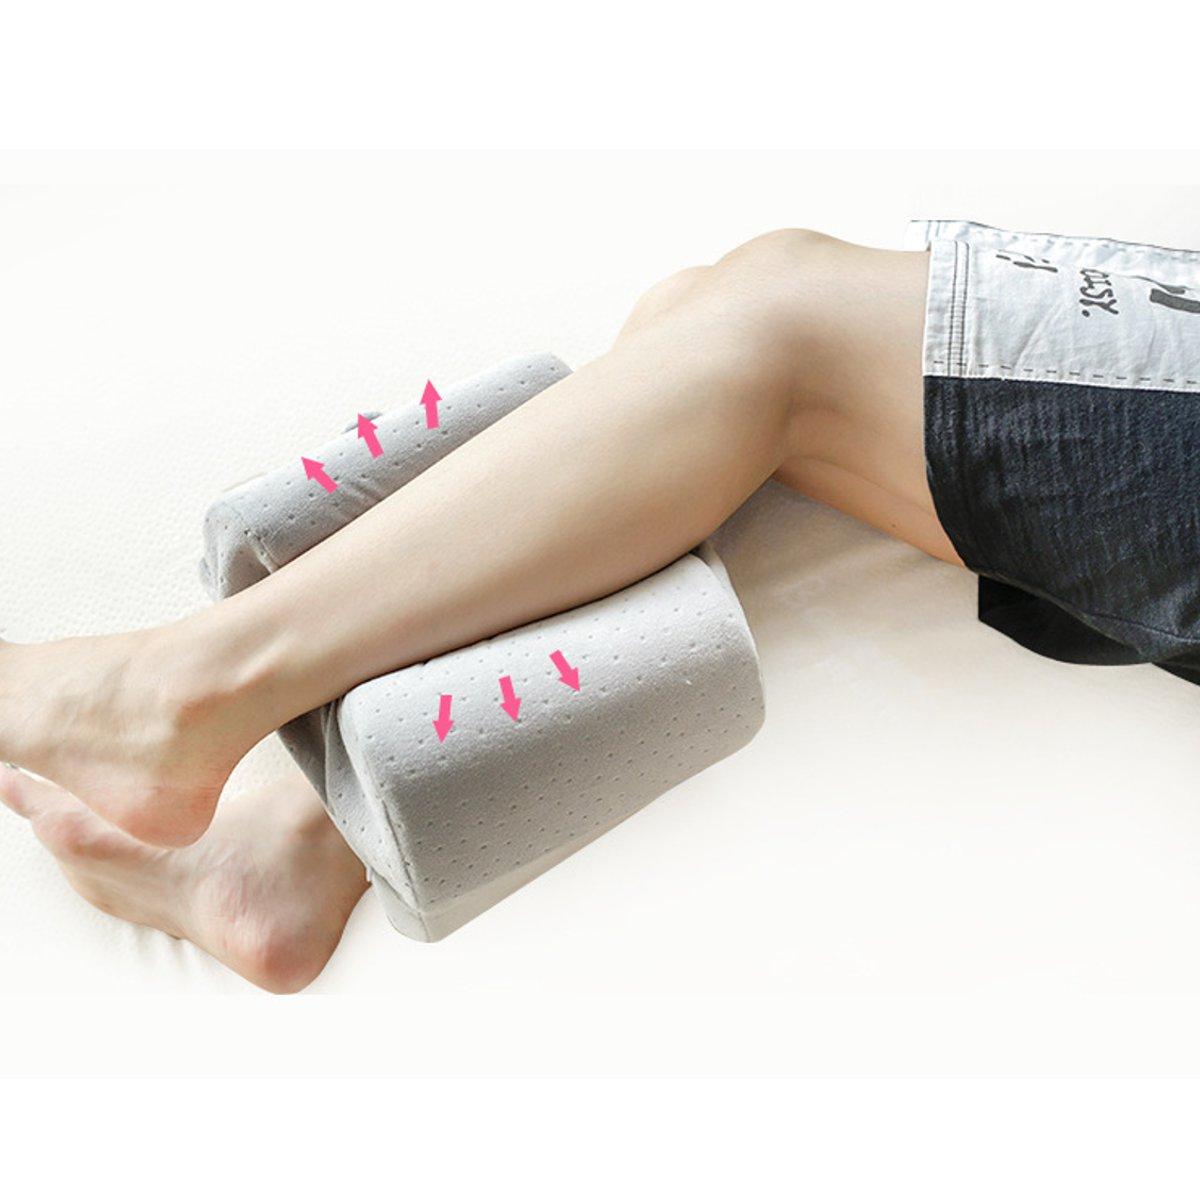 Подушка Sleep Foam Yoga Подушка для ног Спальники и боковые шпалы, эргономичный вариант пуховой альтернативы между и под - фото 1